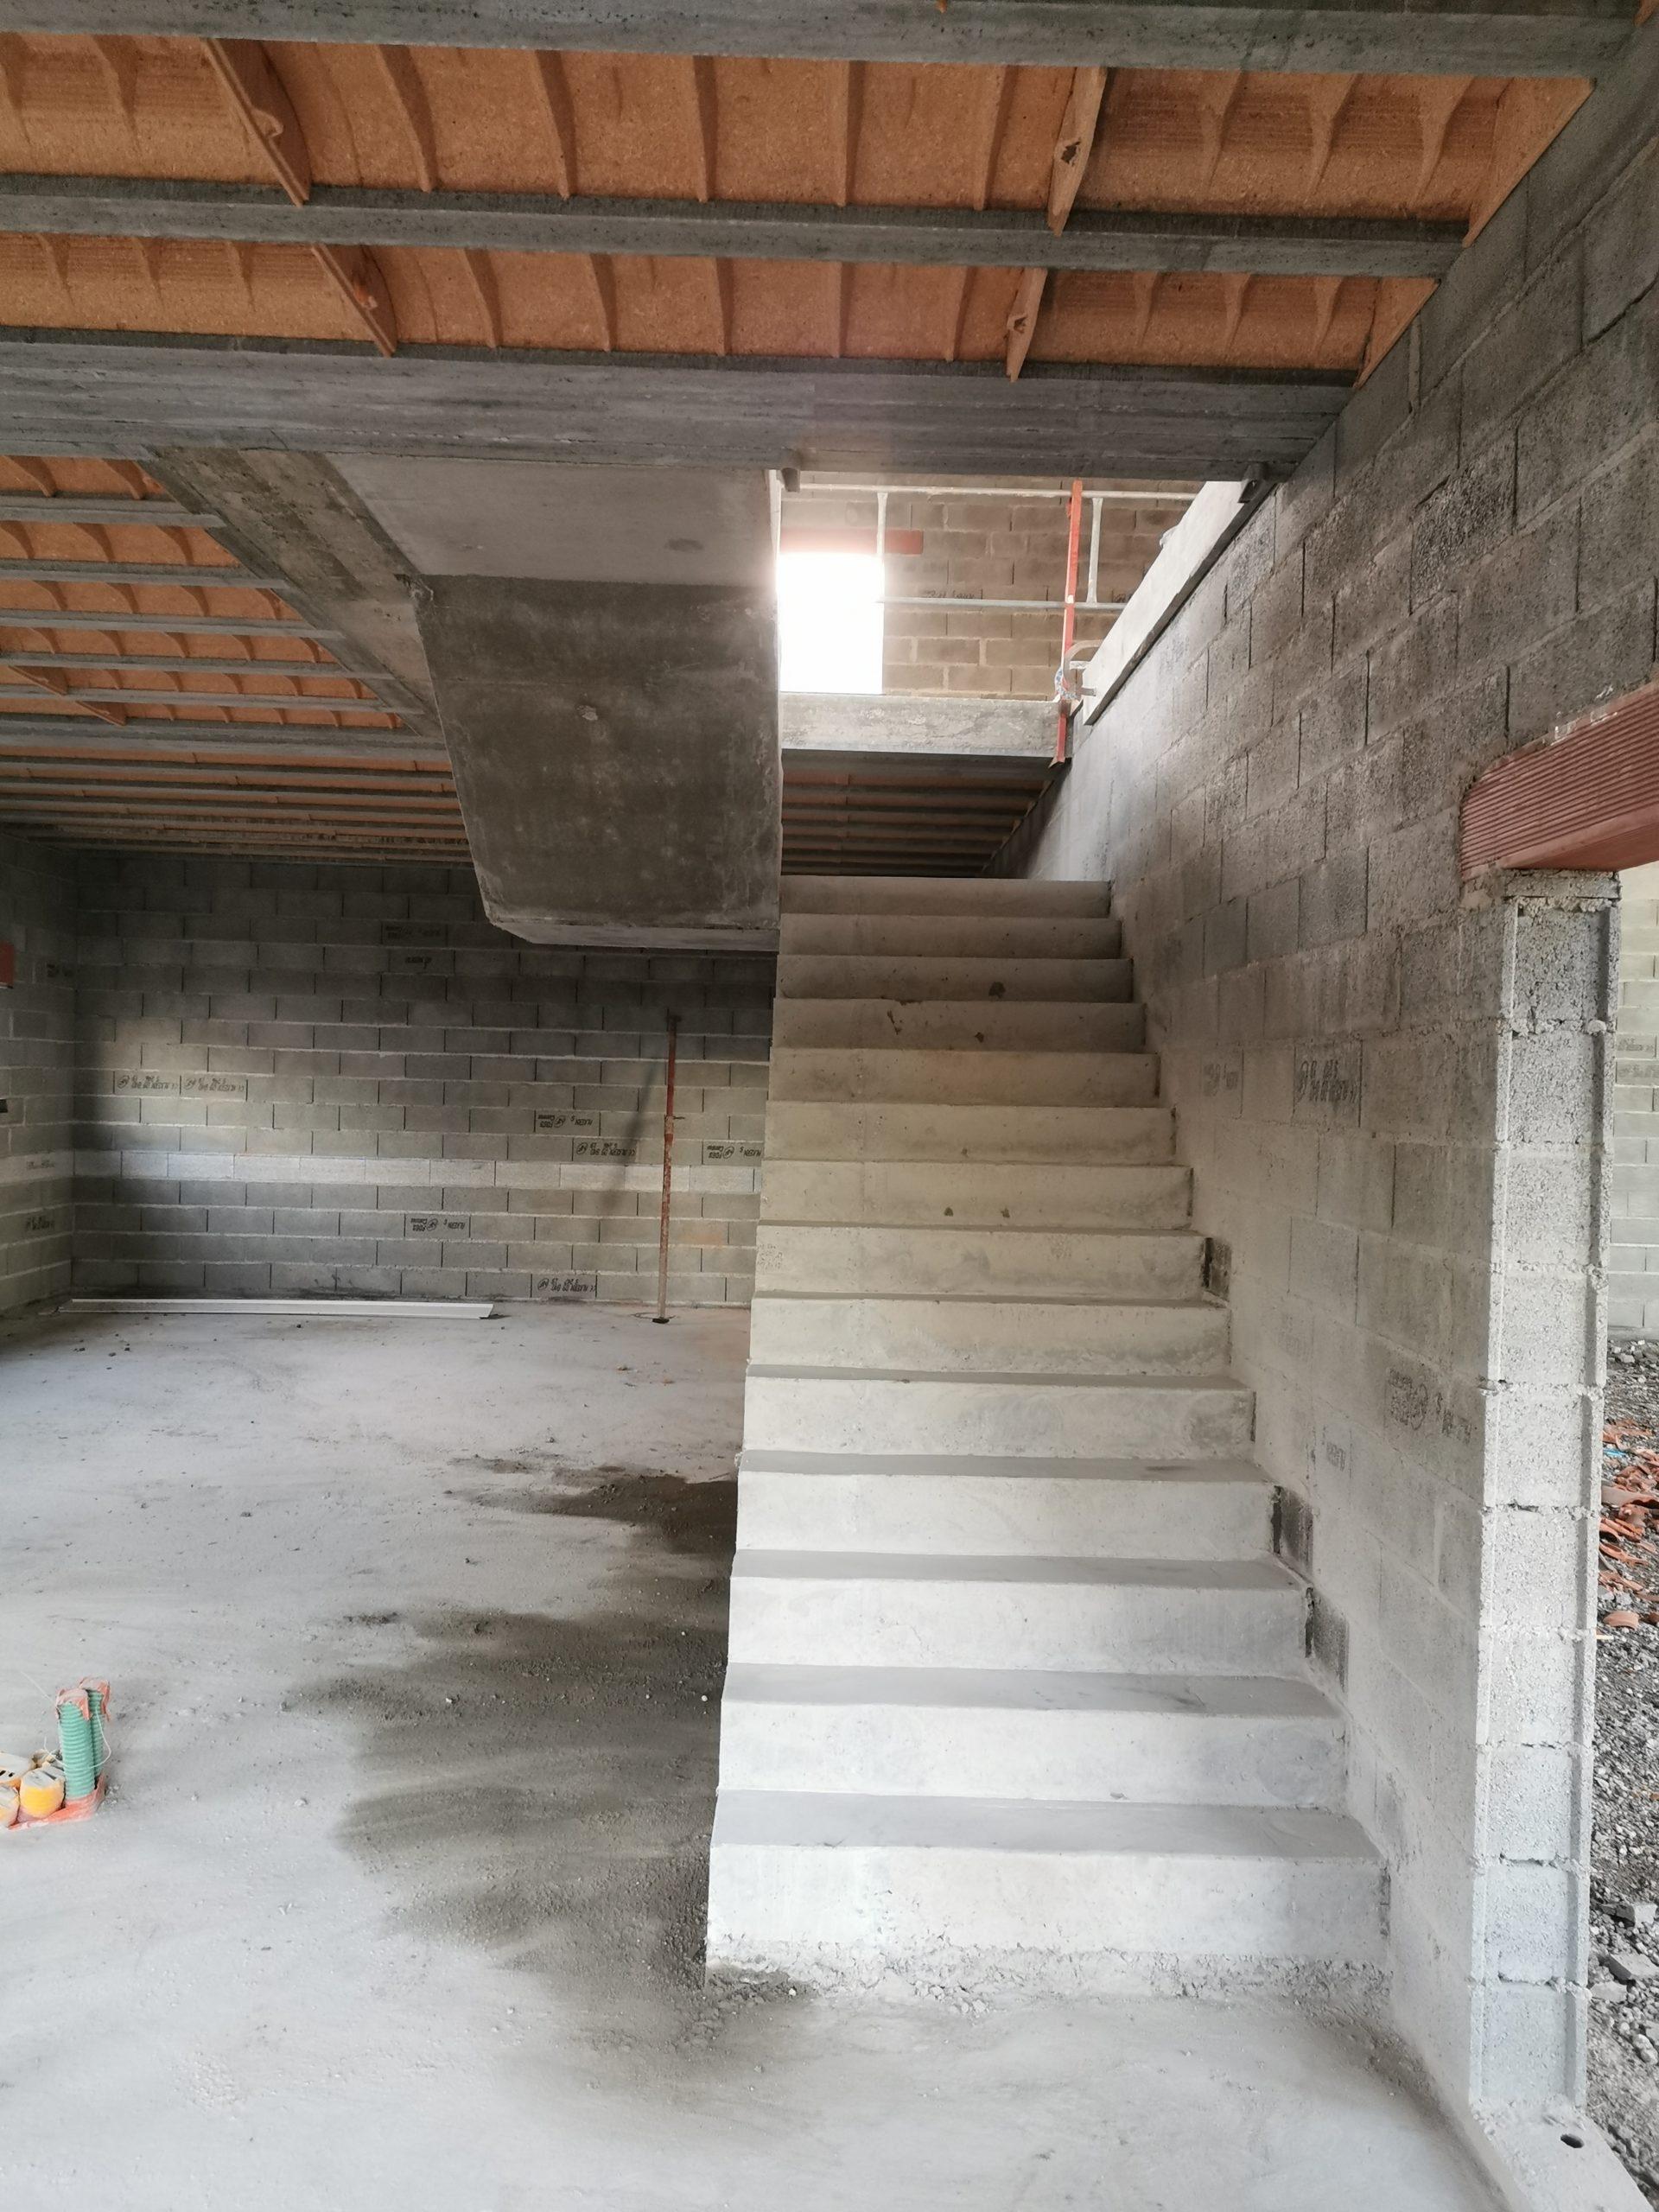 Première volée droite d'un escalier béton le long d'un mur